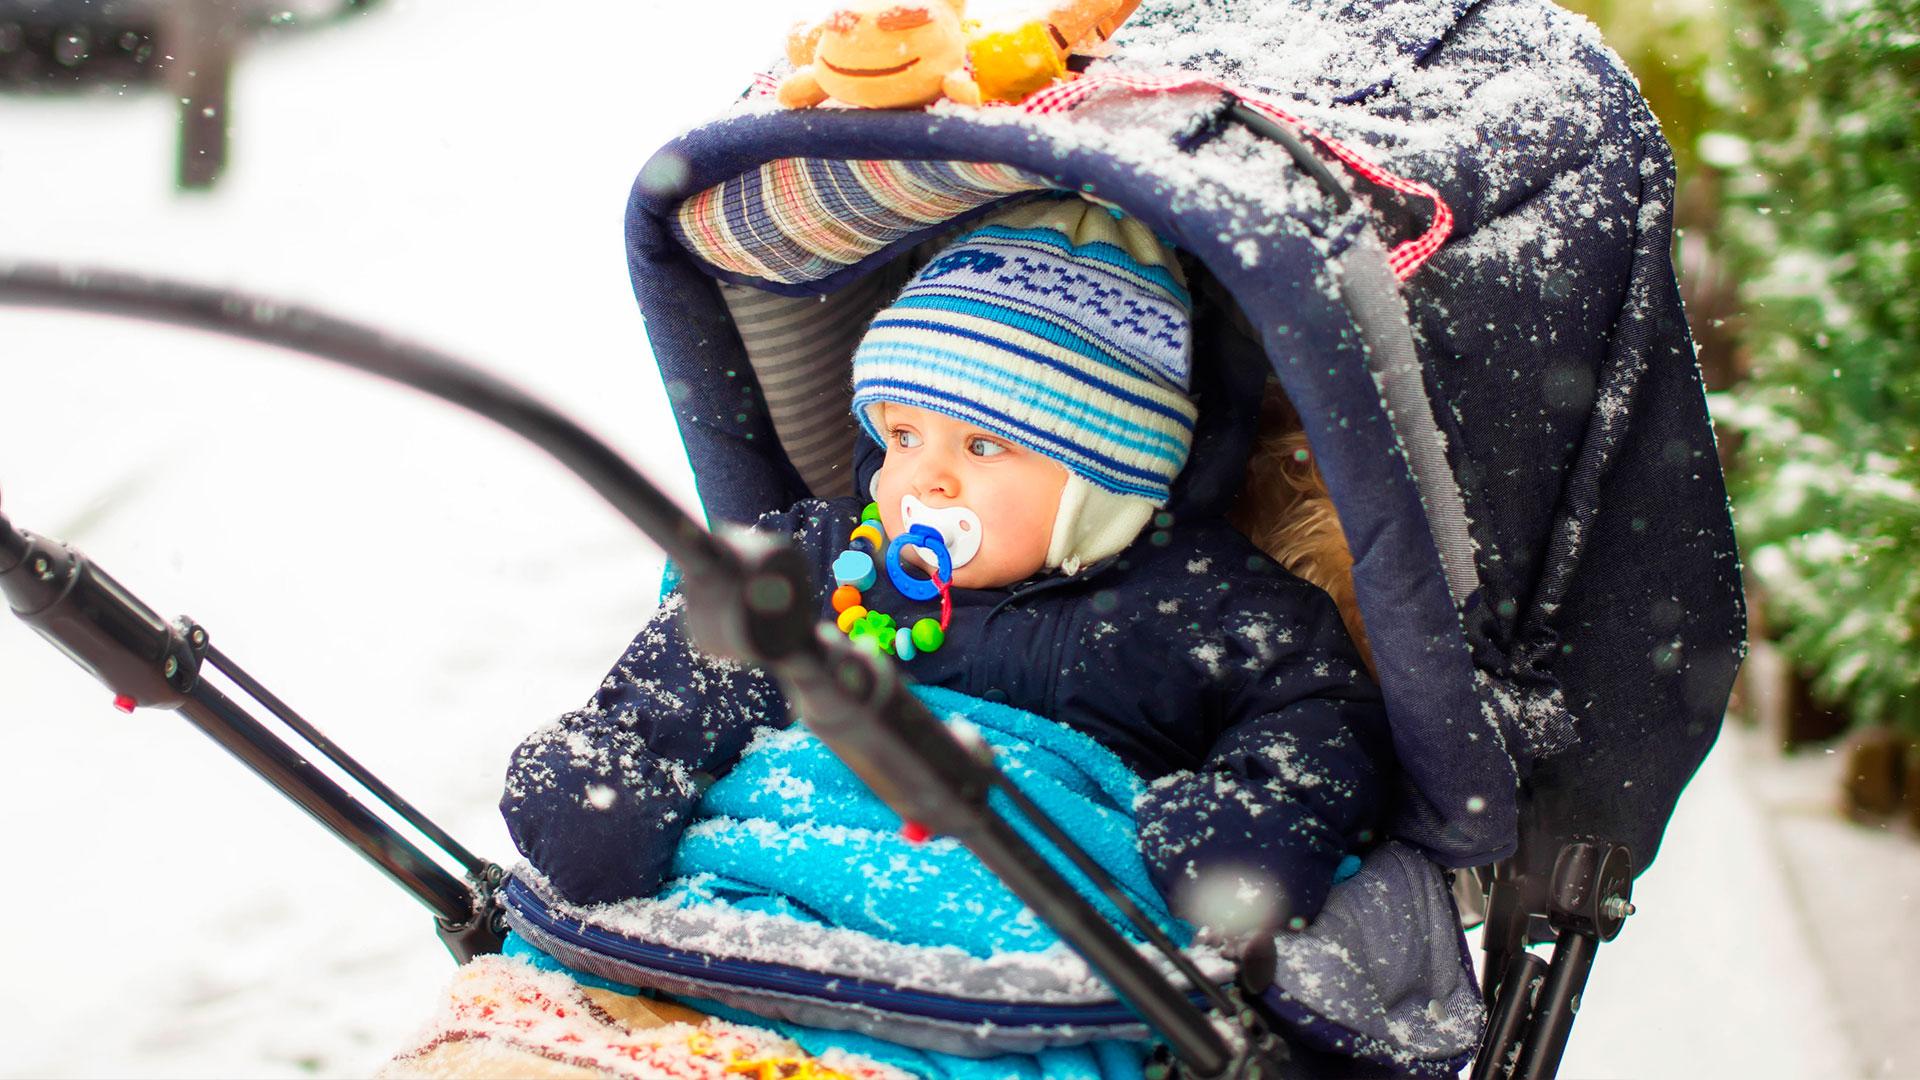 75aff28e Bilde av liten gutt i barnevogn med masse klær.